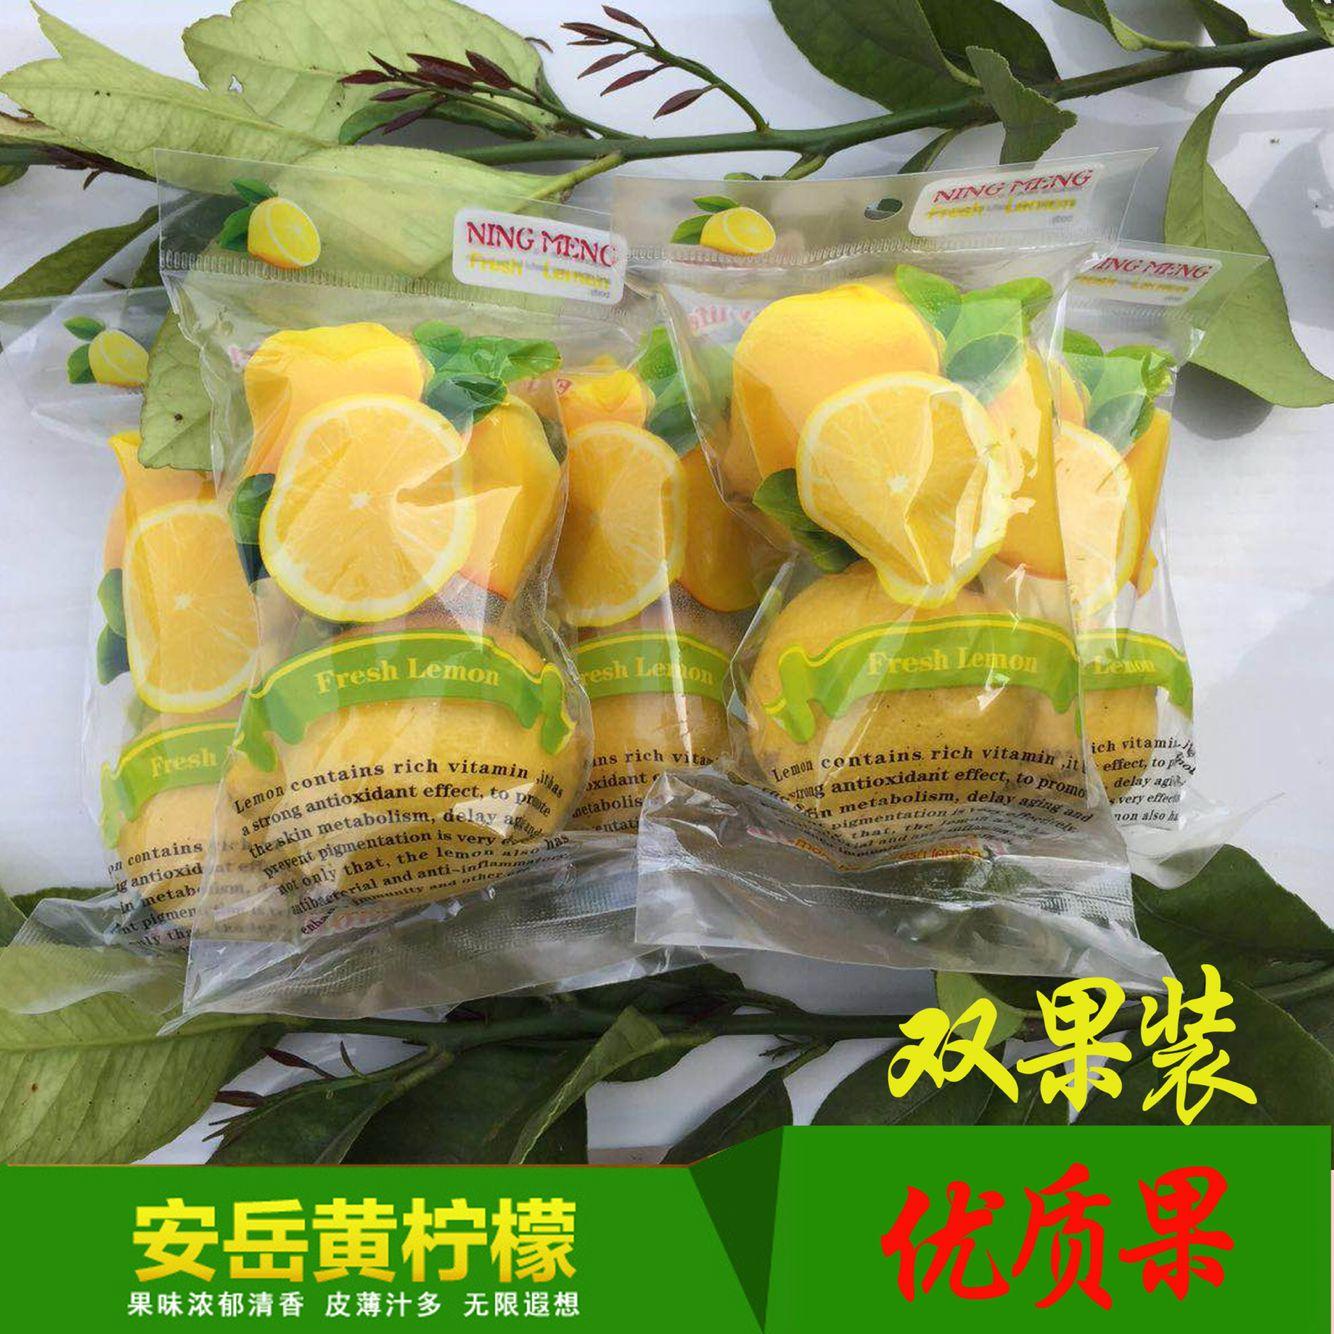 限7000张券四川原产地直发安岳新鲜黄柠檬双胞胎情侣装10斤皮薄爽口多汁包邮